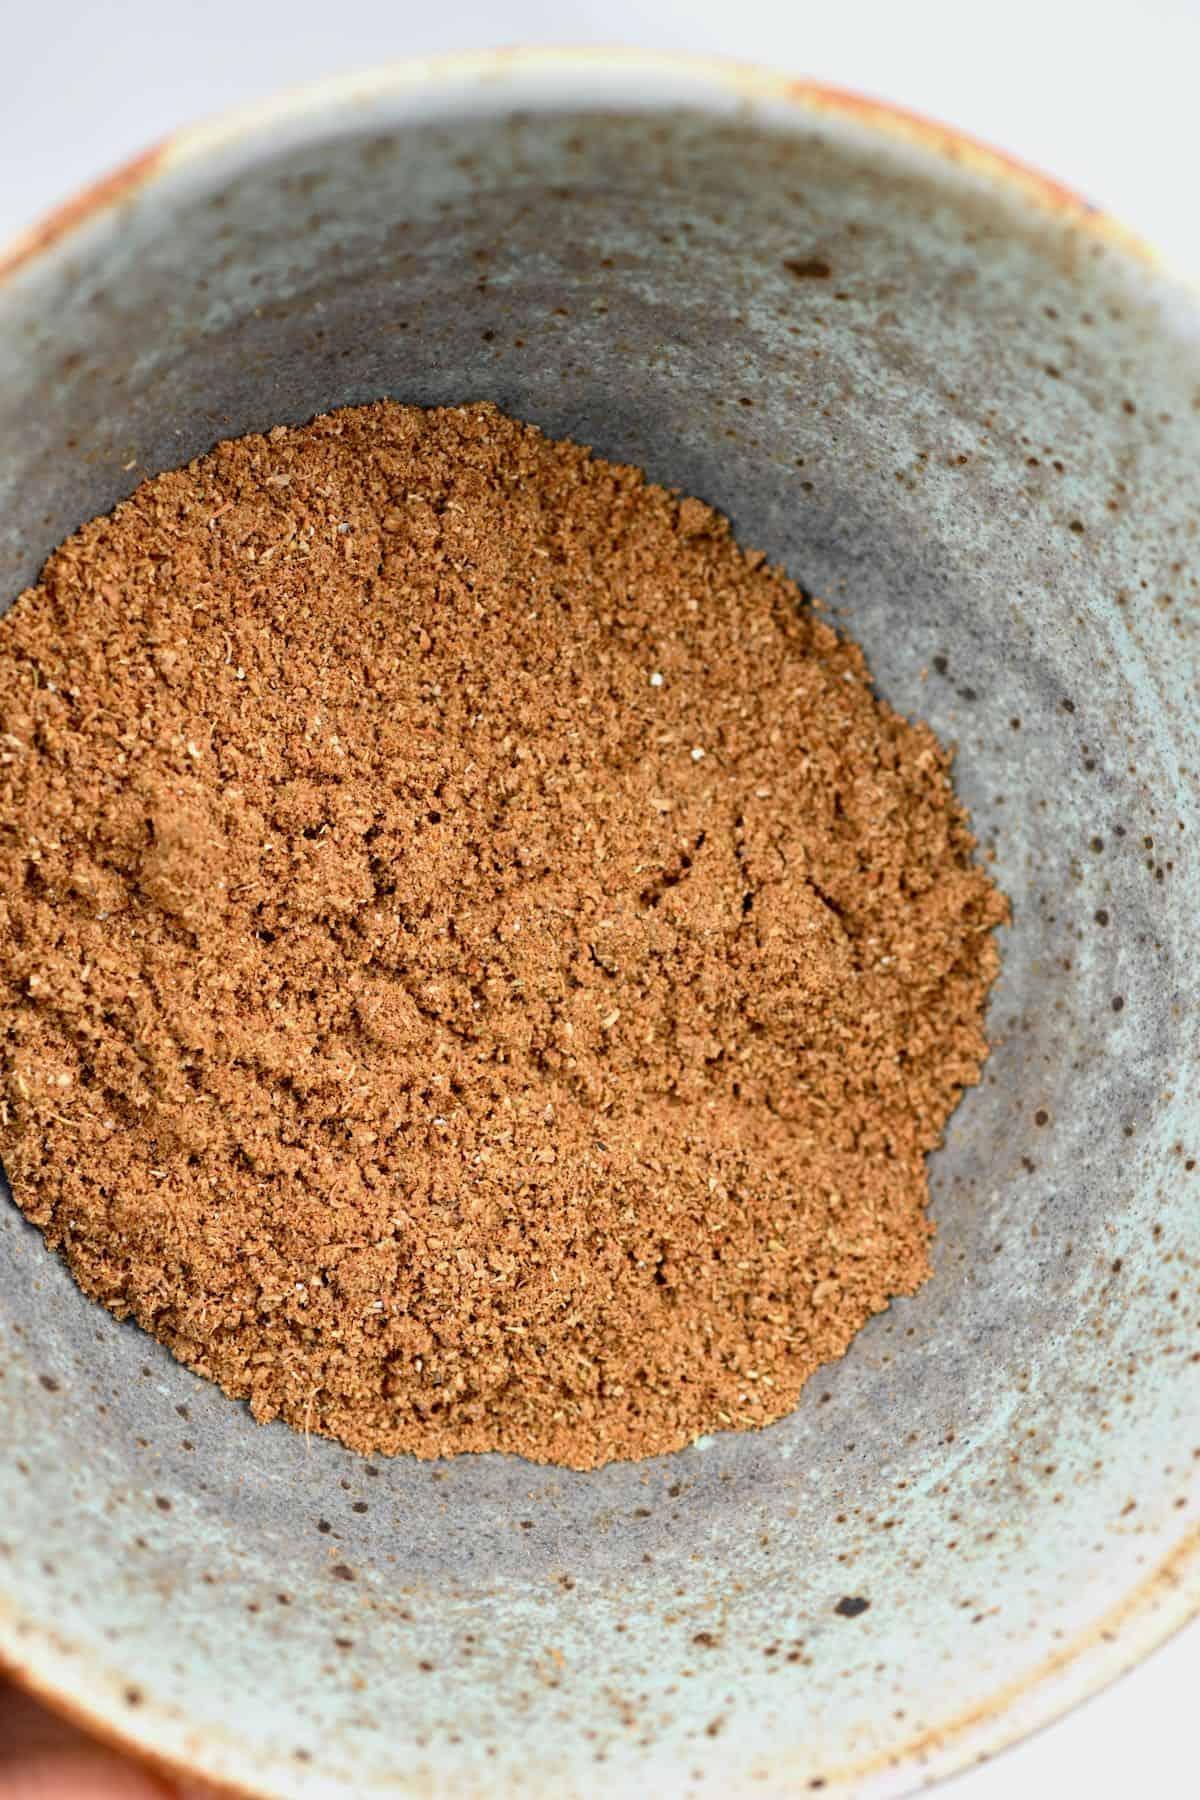 Garam Masala spice mix in a bowl